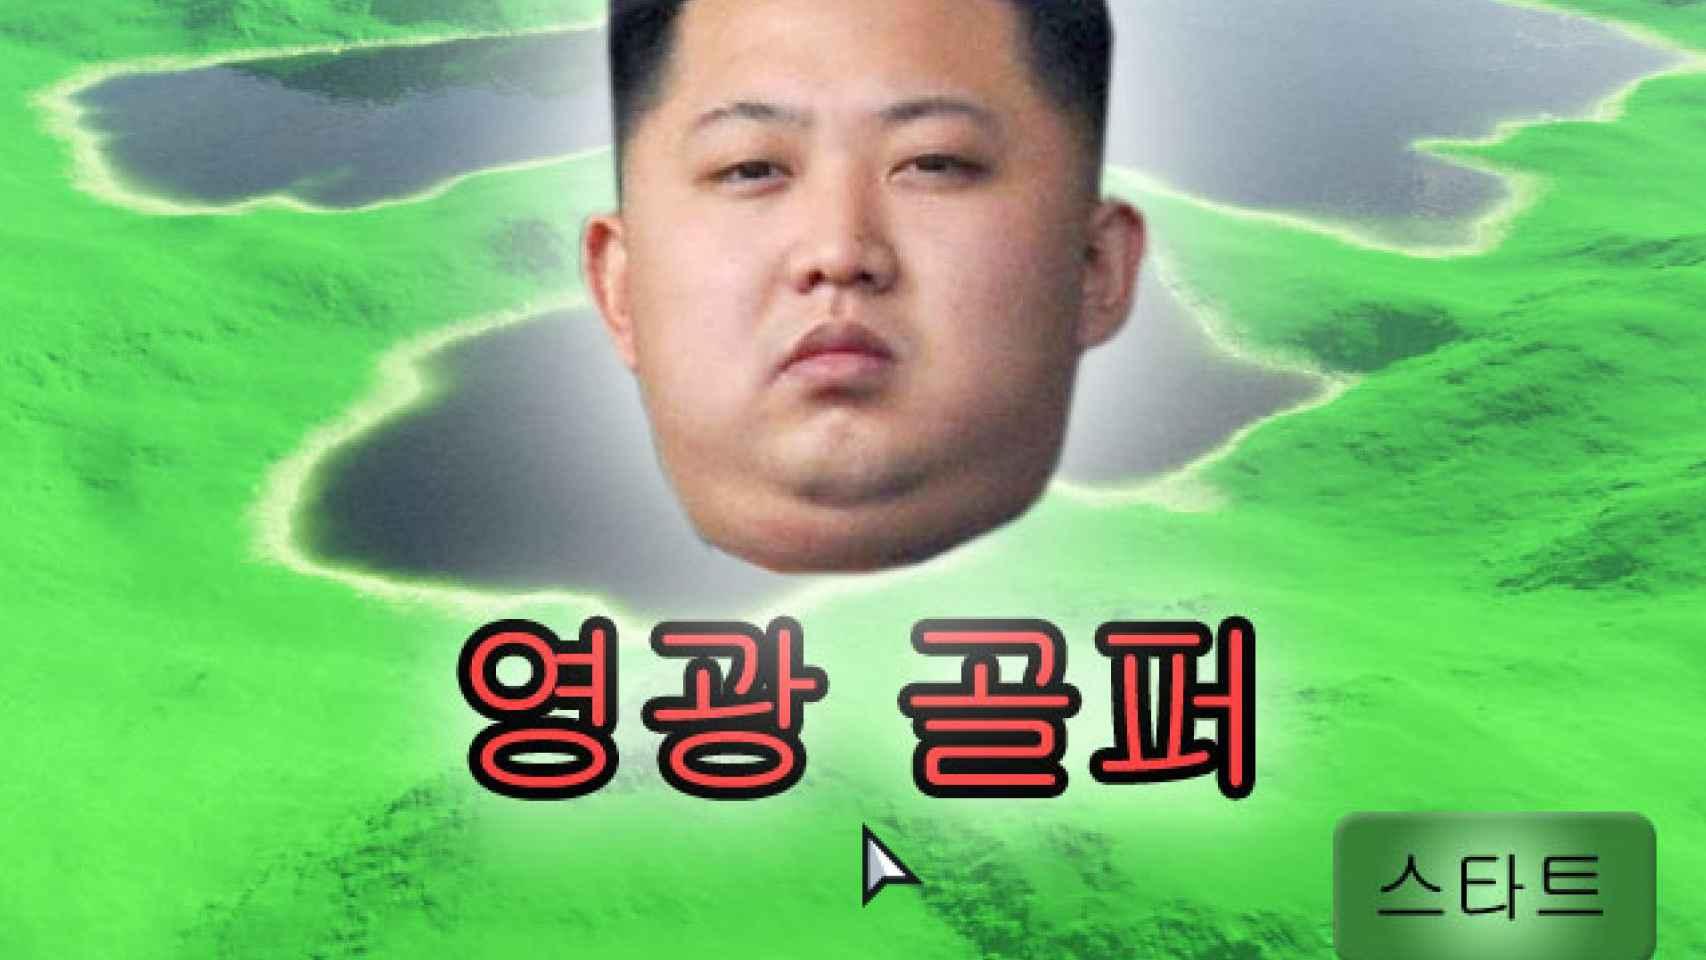 Imagen del vídeojuego de Golf de Kim Jong Un